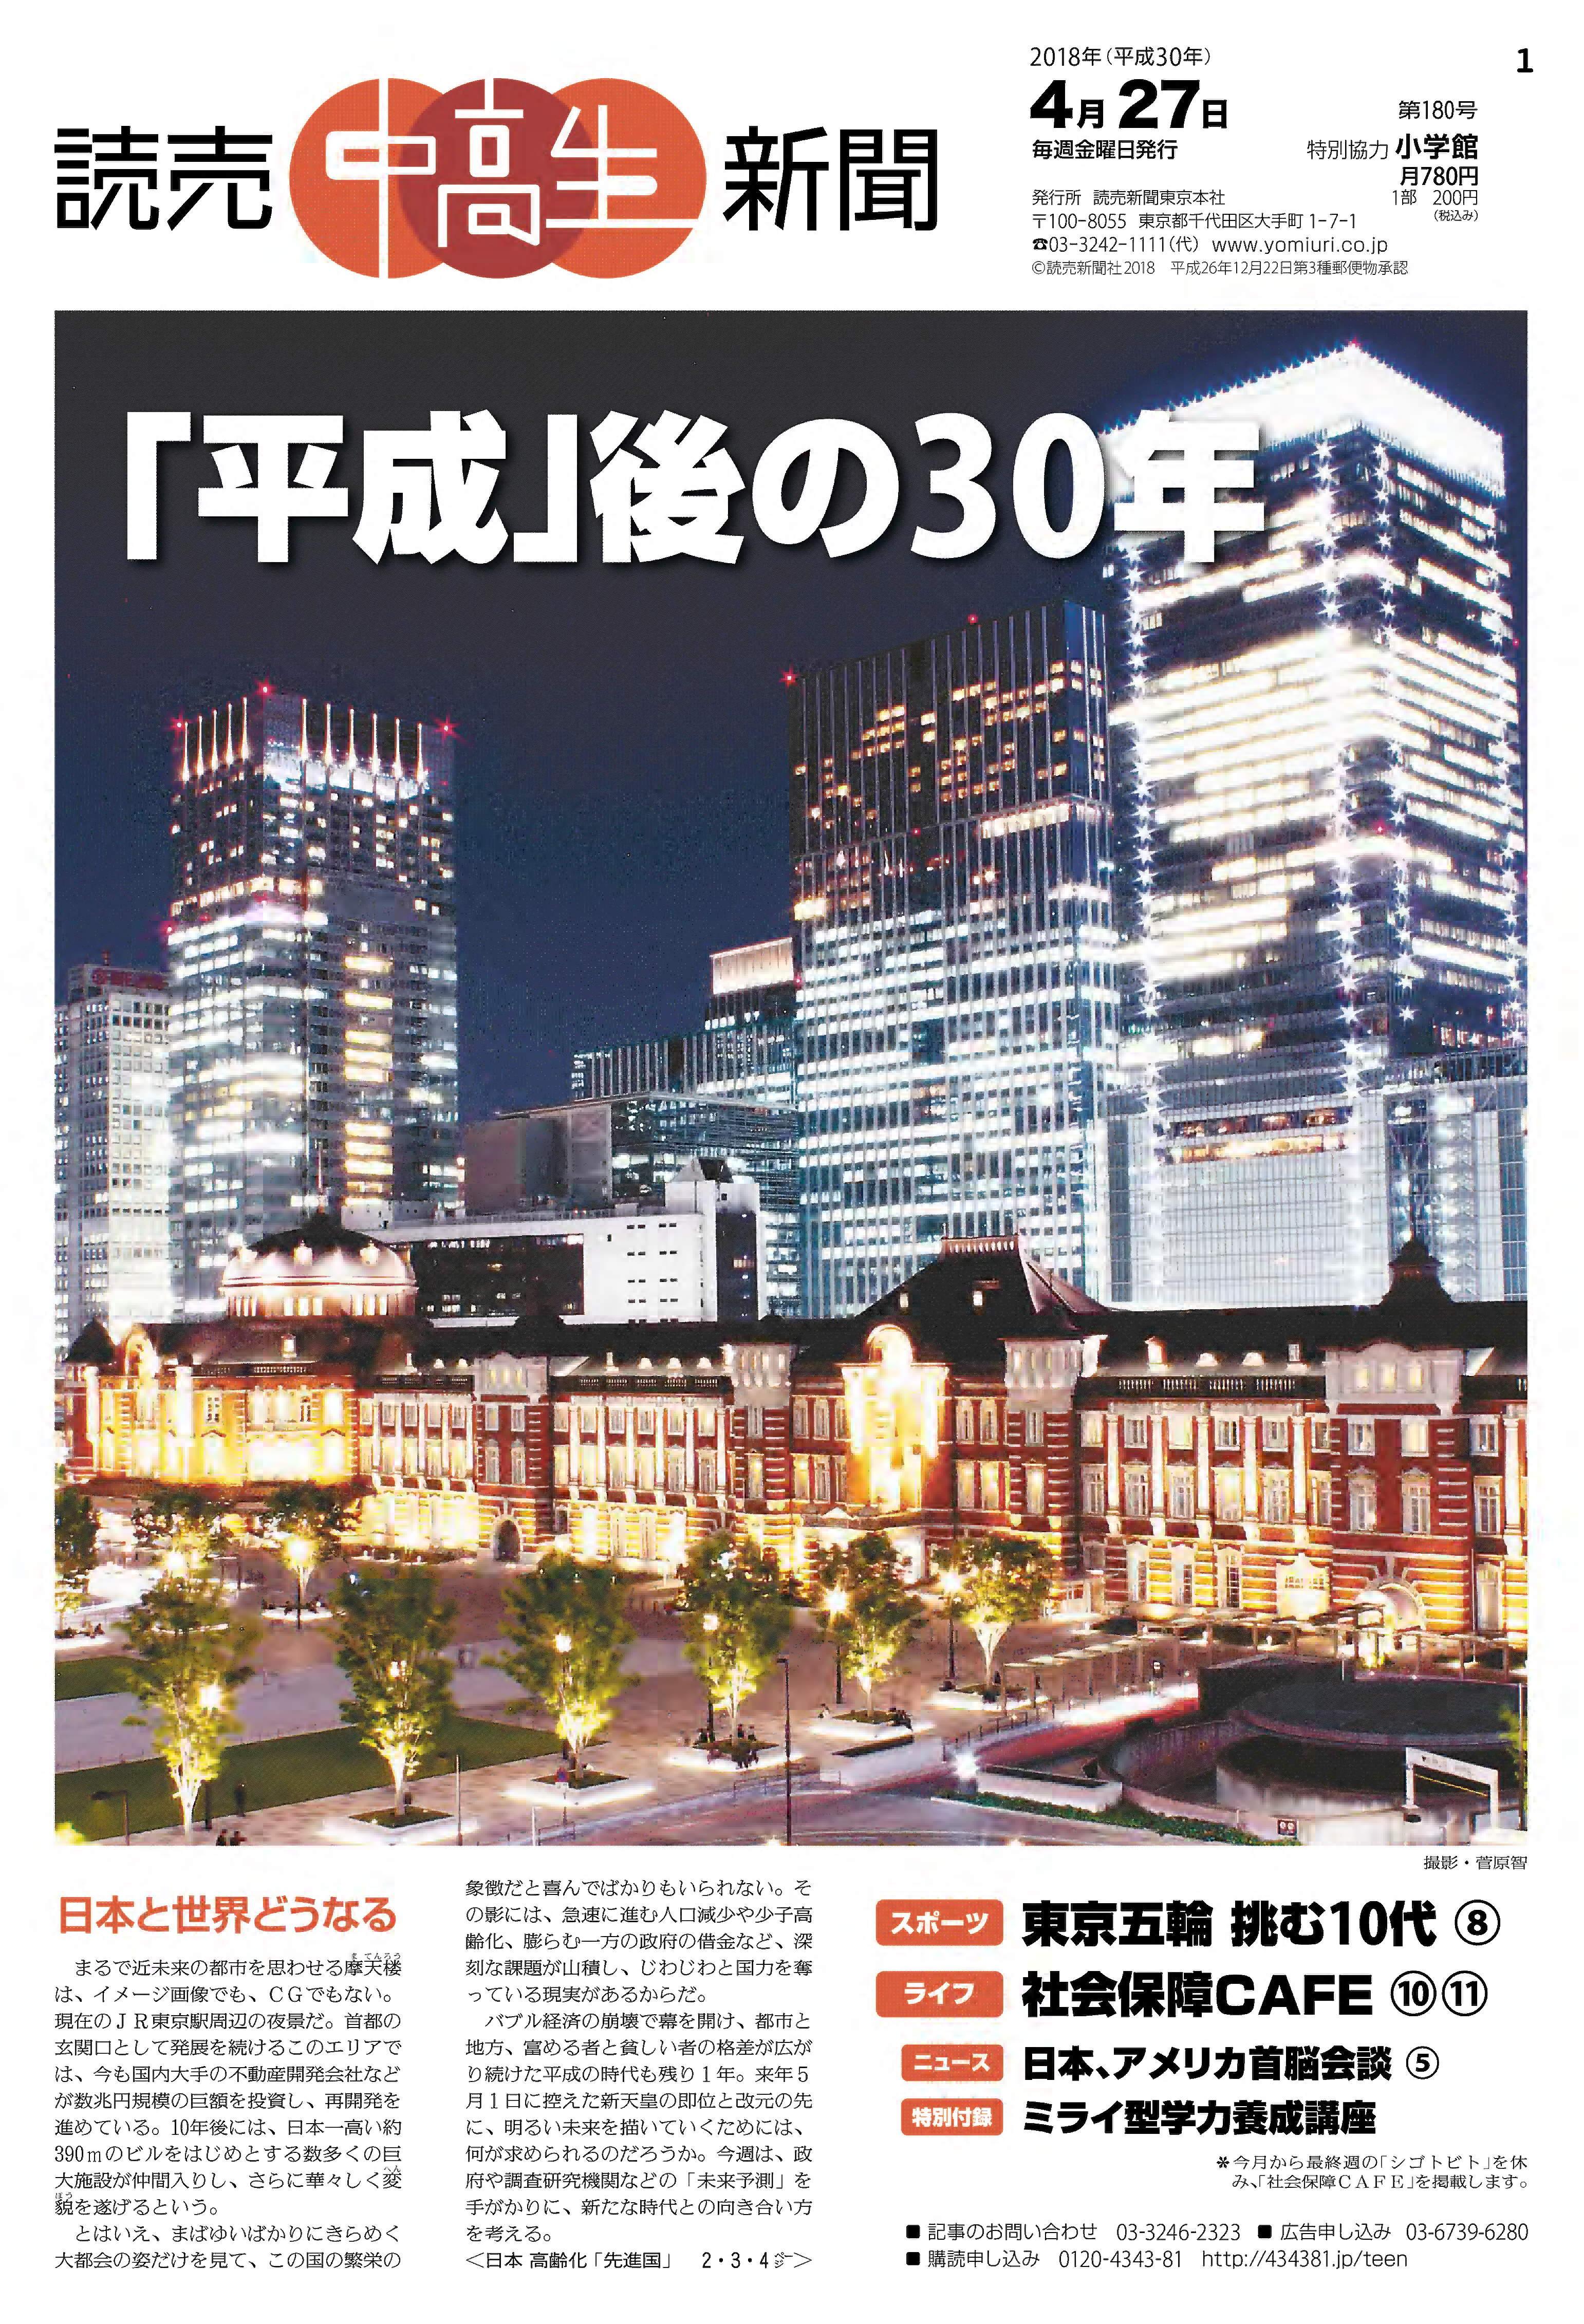 読売中高生新聞:会社案内サイト...